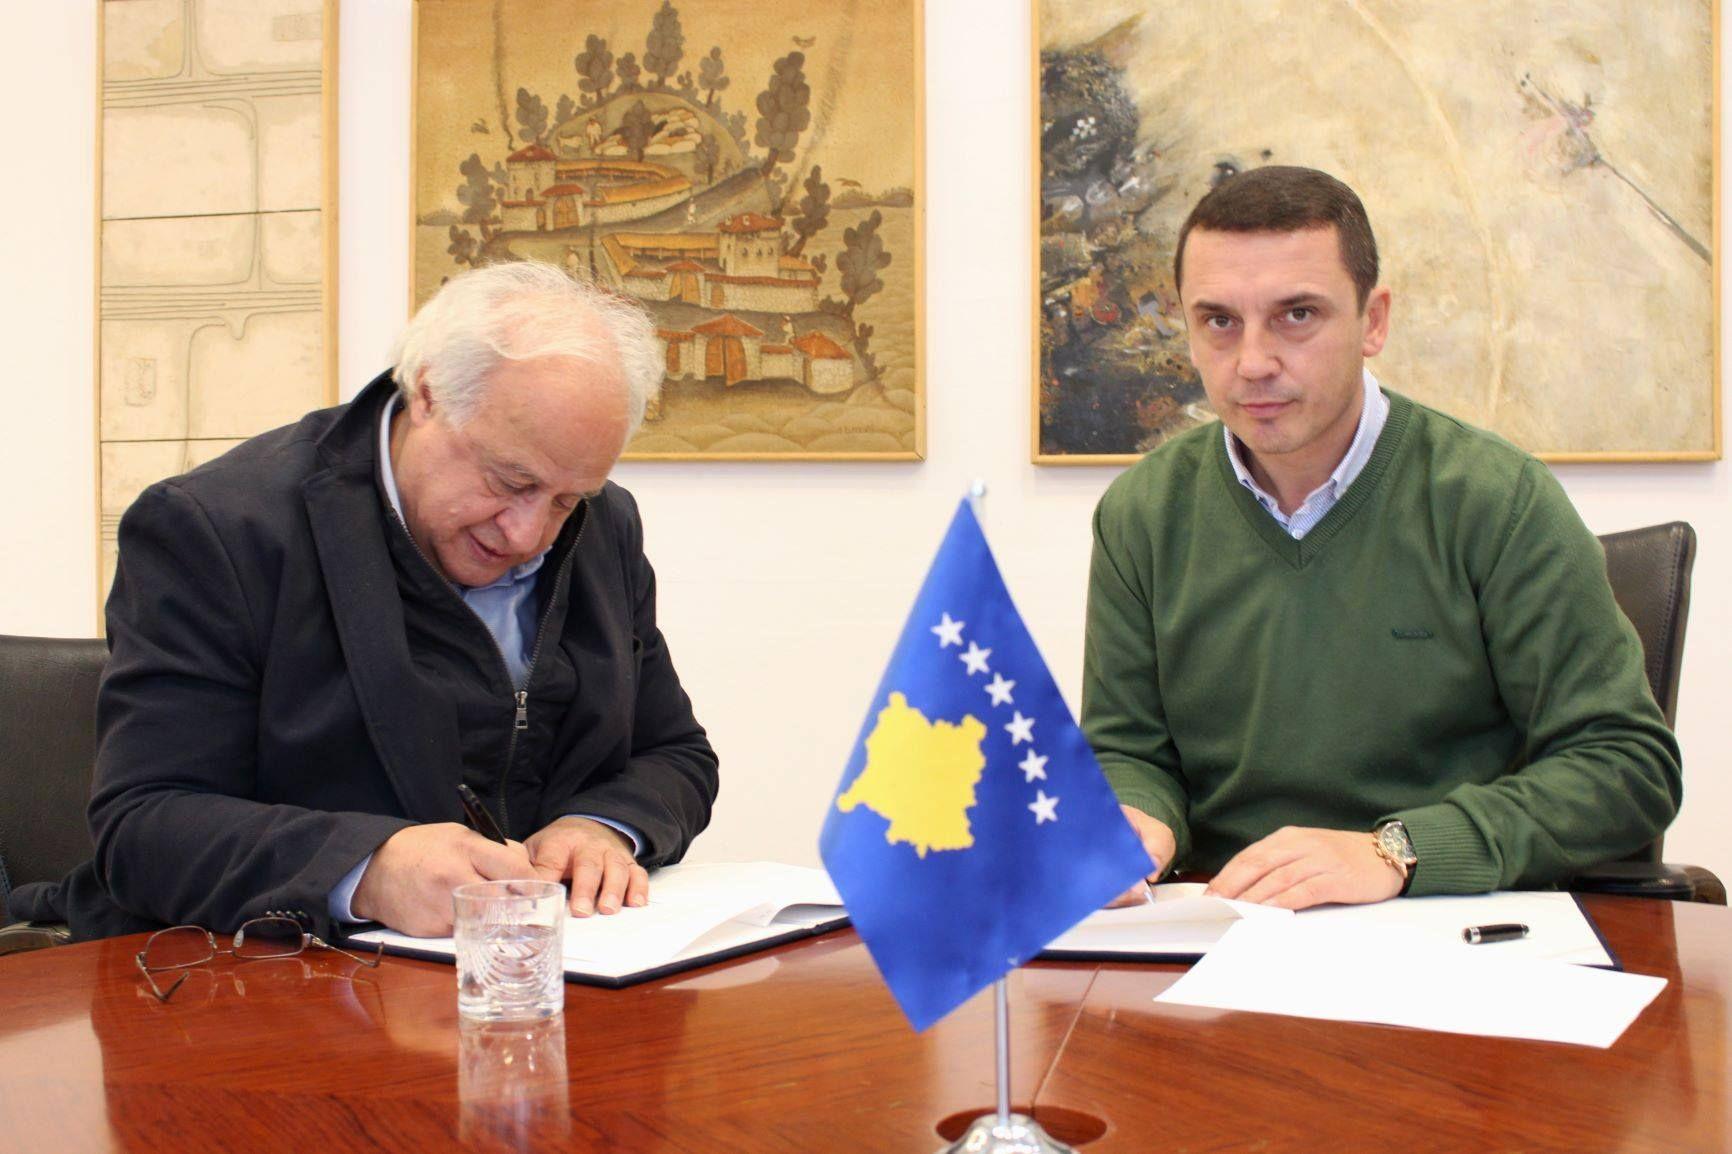 MKRS-ja mbështet Federatën e Shahut për pajisje, në vlerë prej 11 mijë euro